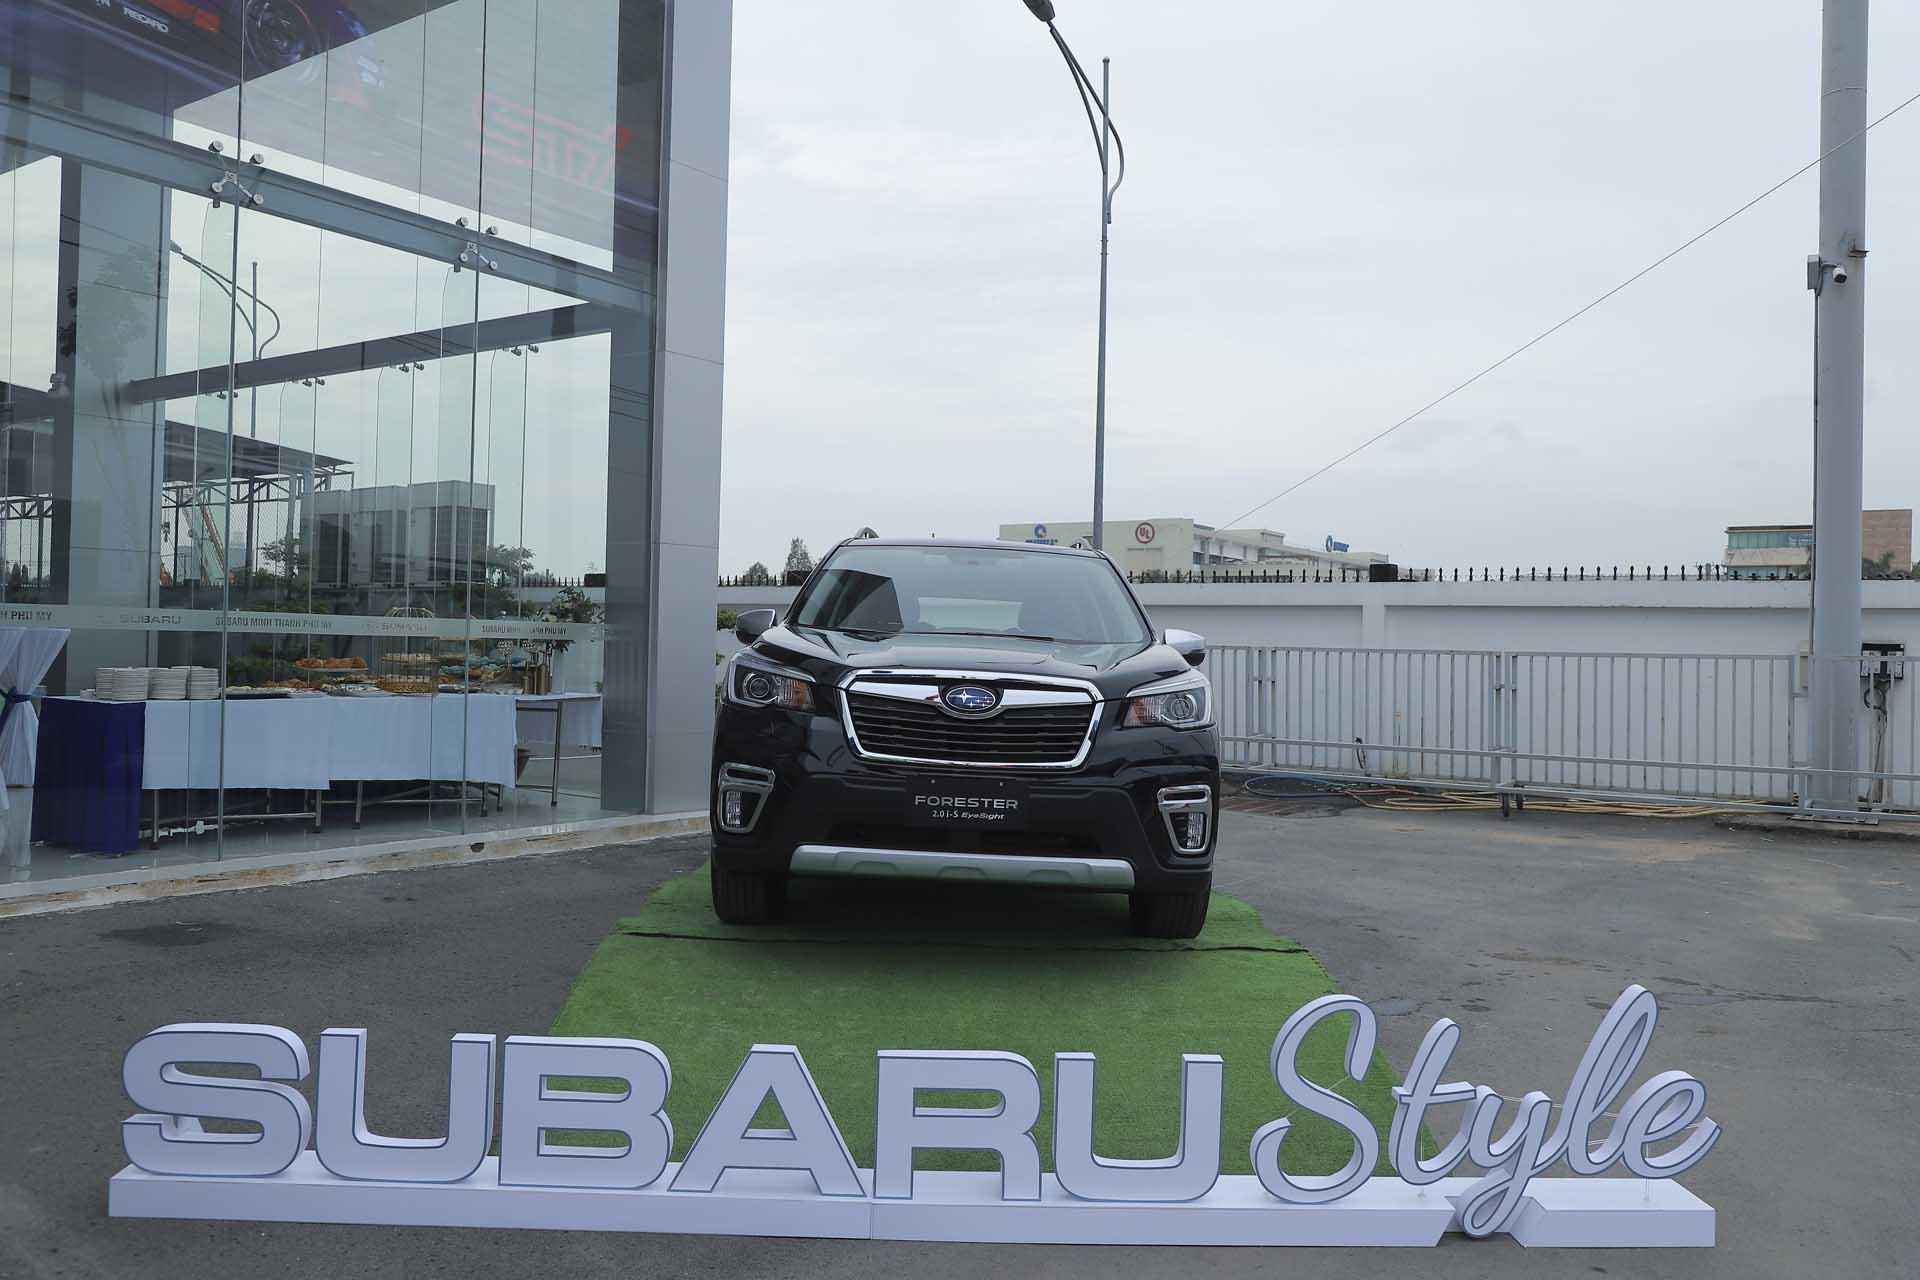 Subaru Việt Nam khai trương đại lý thứ 6 trong năm 2020